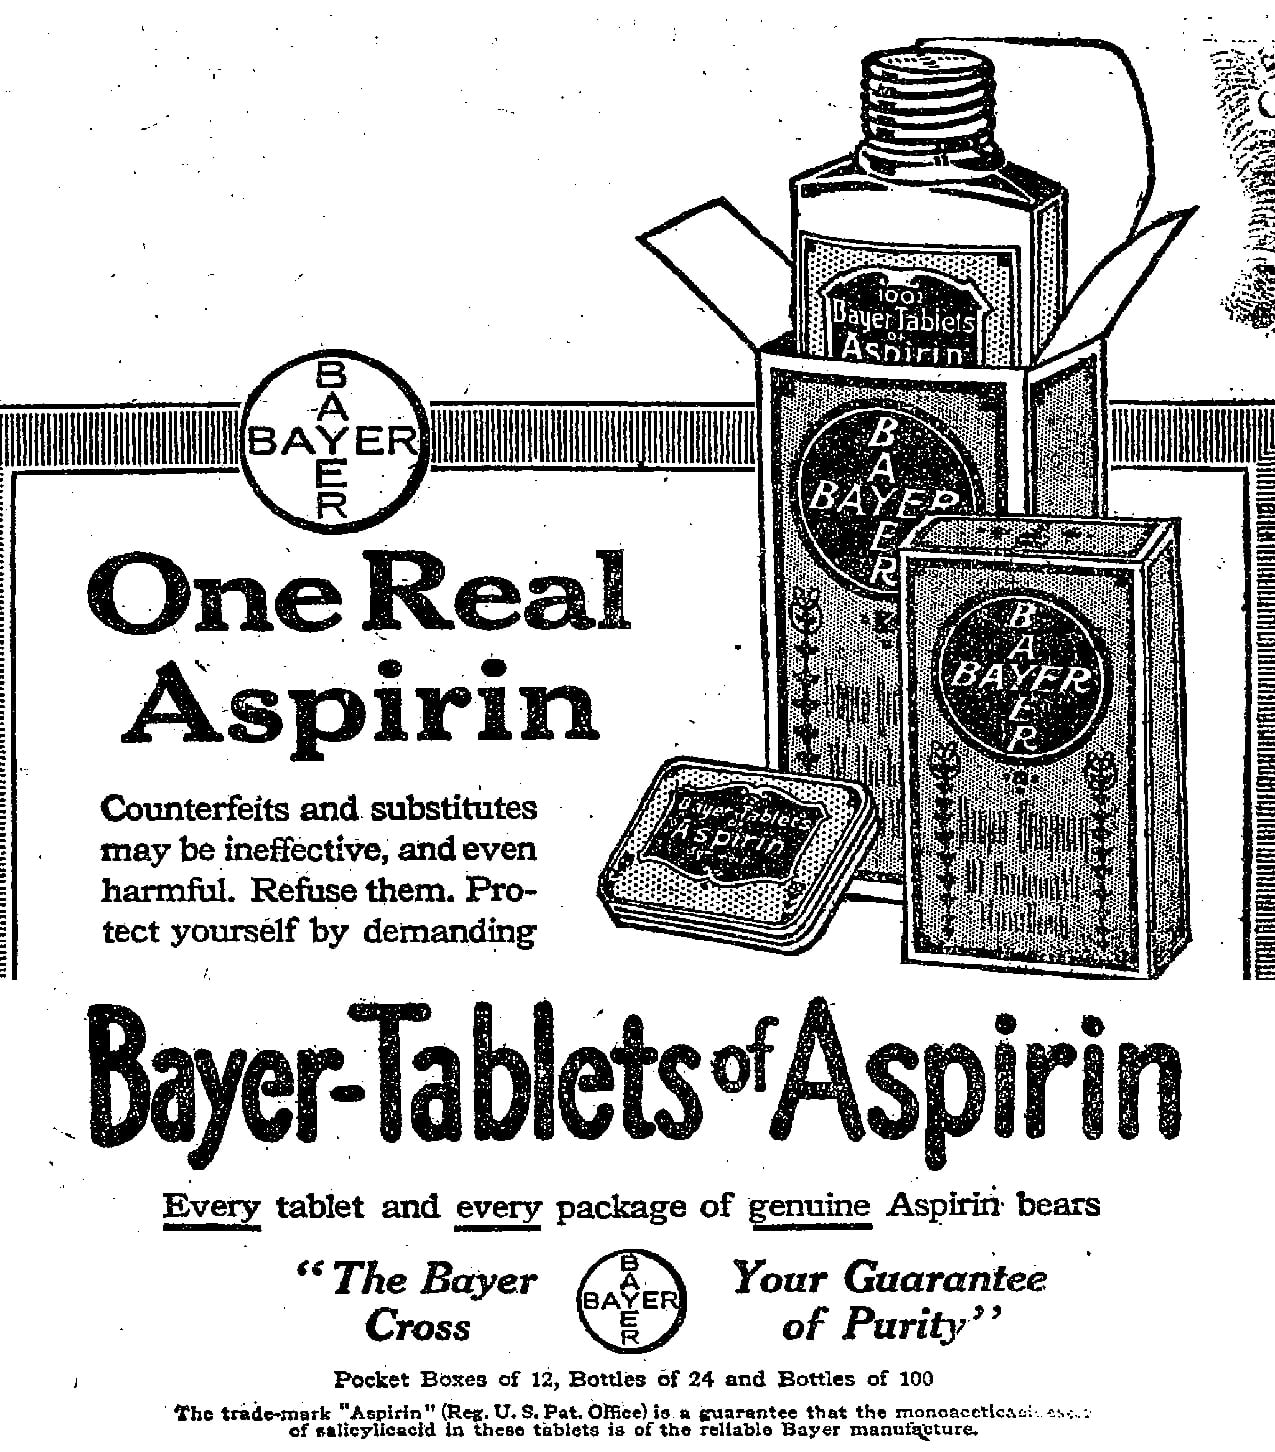 Aspiryna Tabletki (degeneracja znaku towarowego)